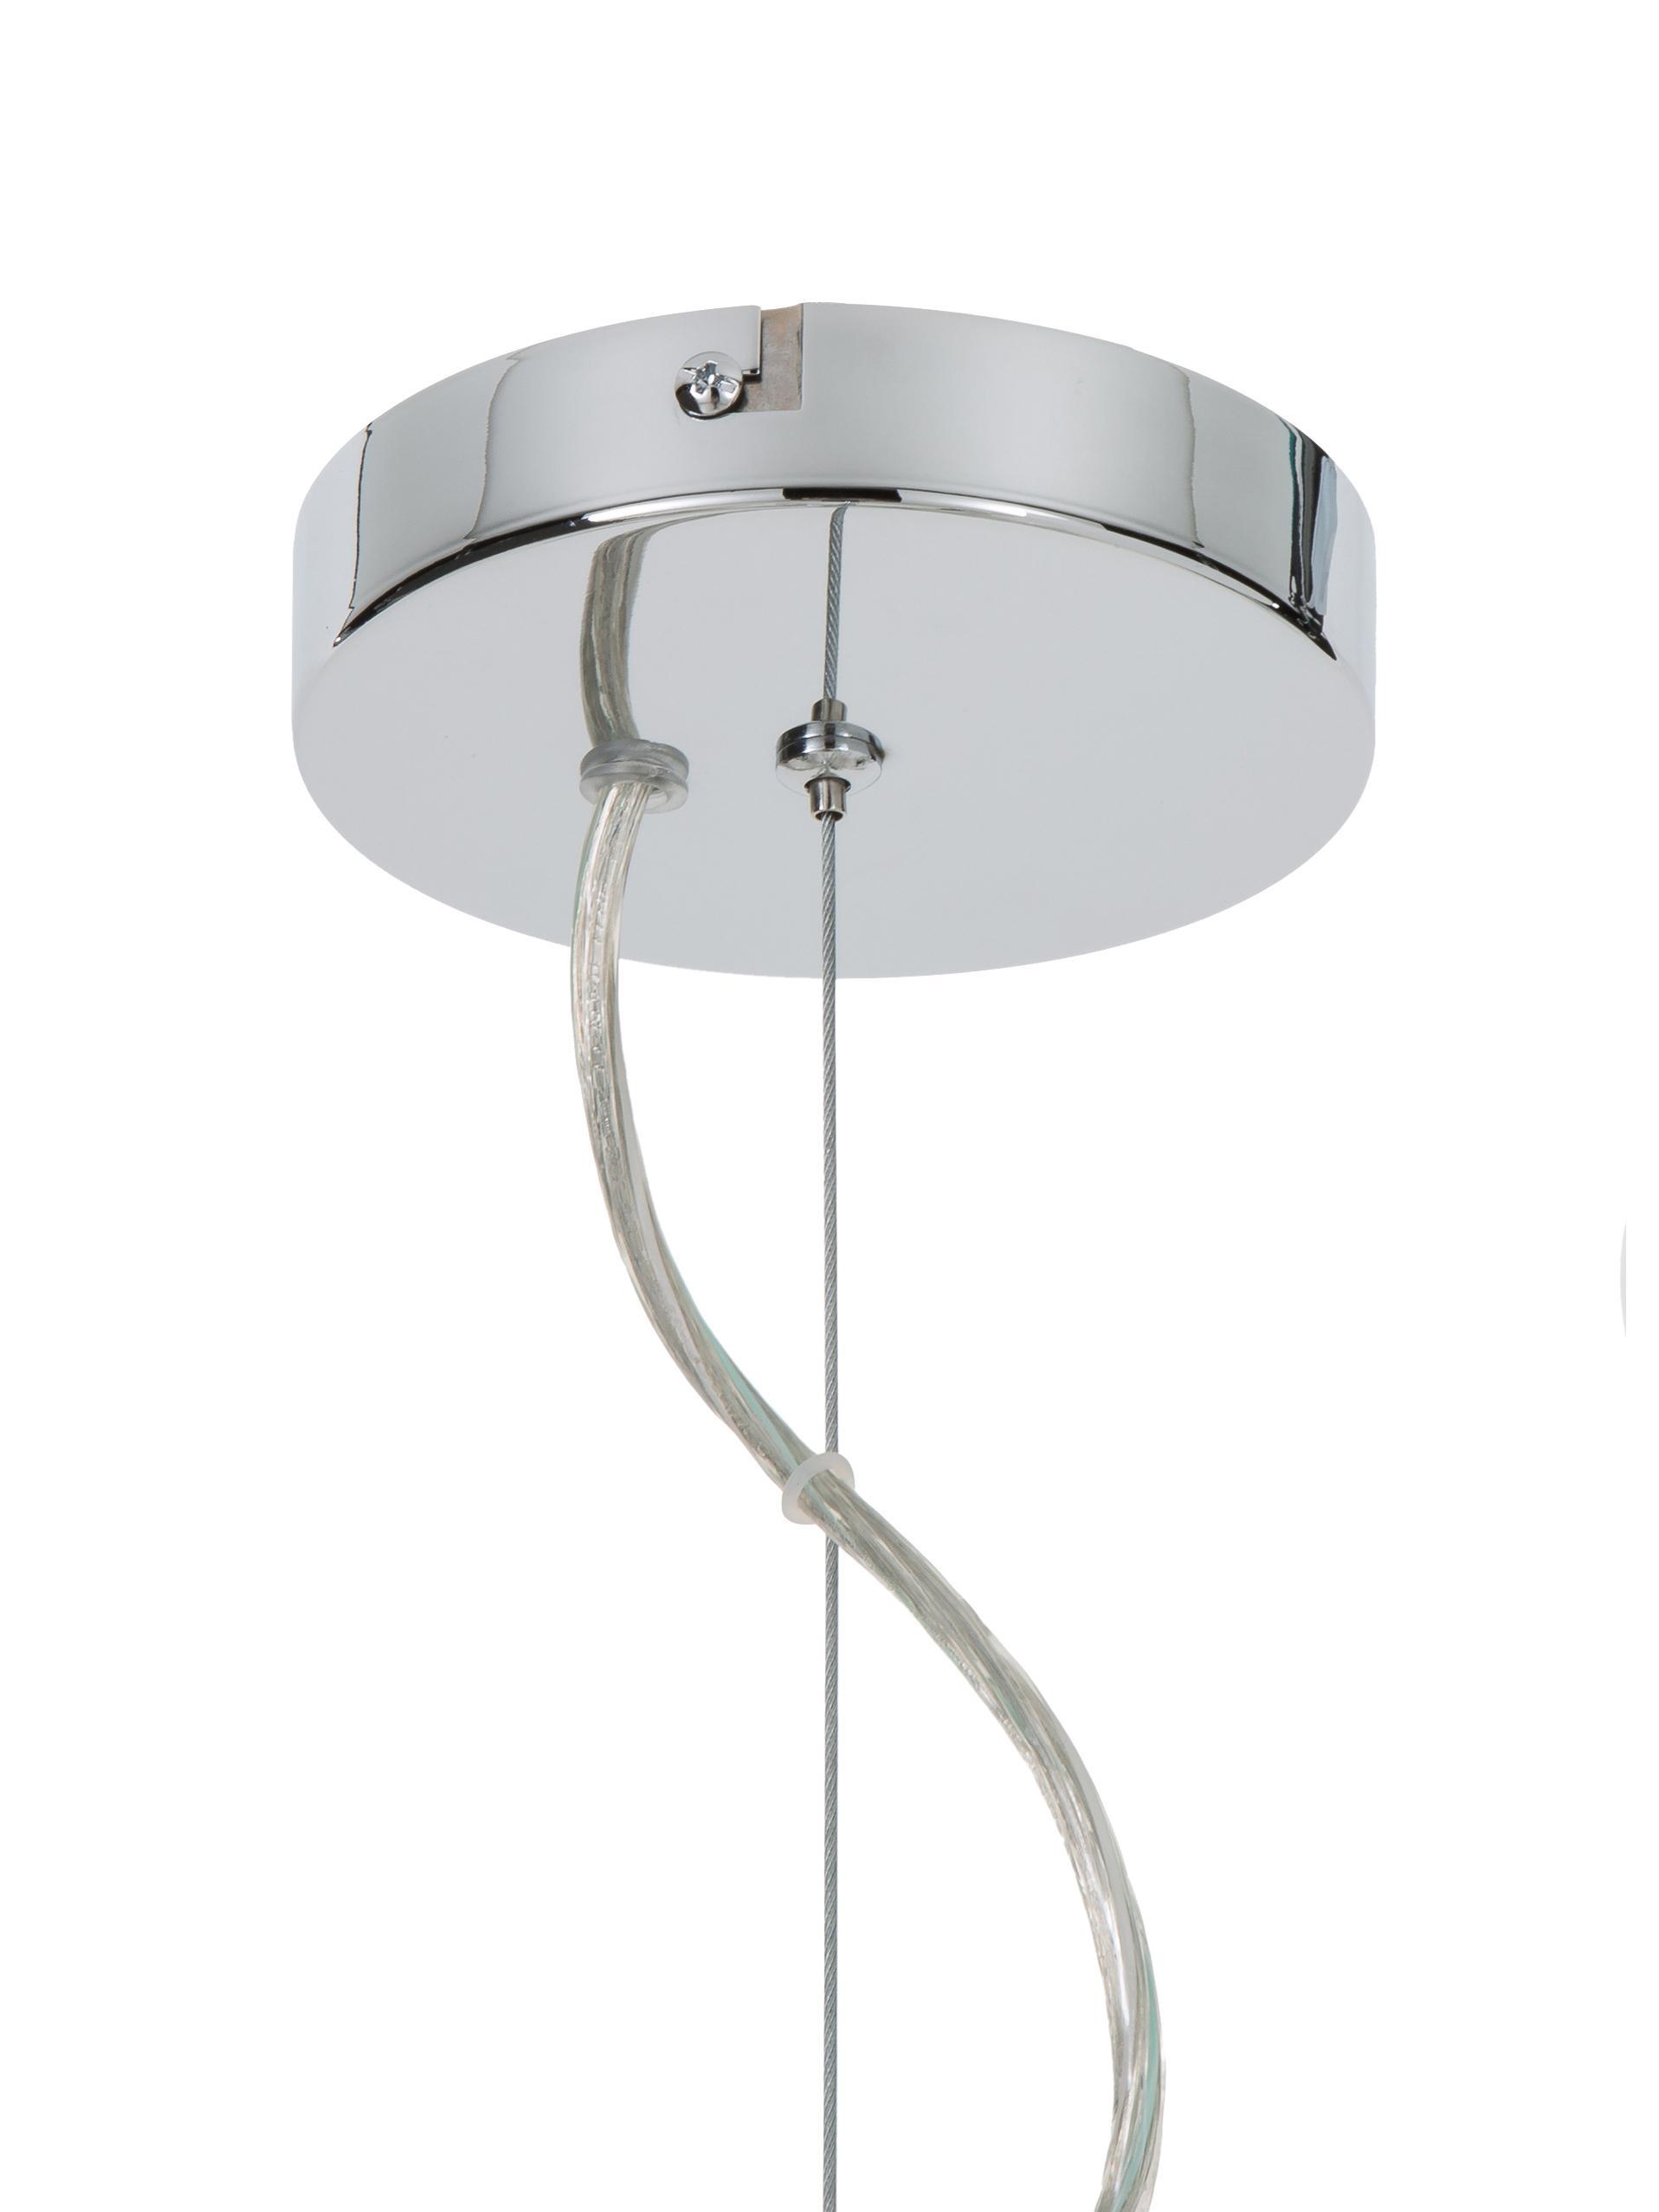 Lampada a sospensione in cromo Spike, Baldacchino: metallo cromato, Paralume: metallo cromato, Cromo, Ø 90 cm